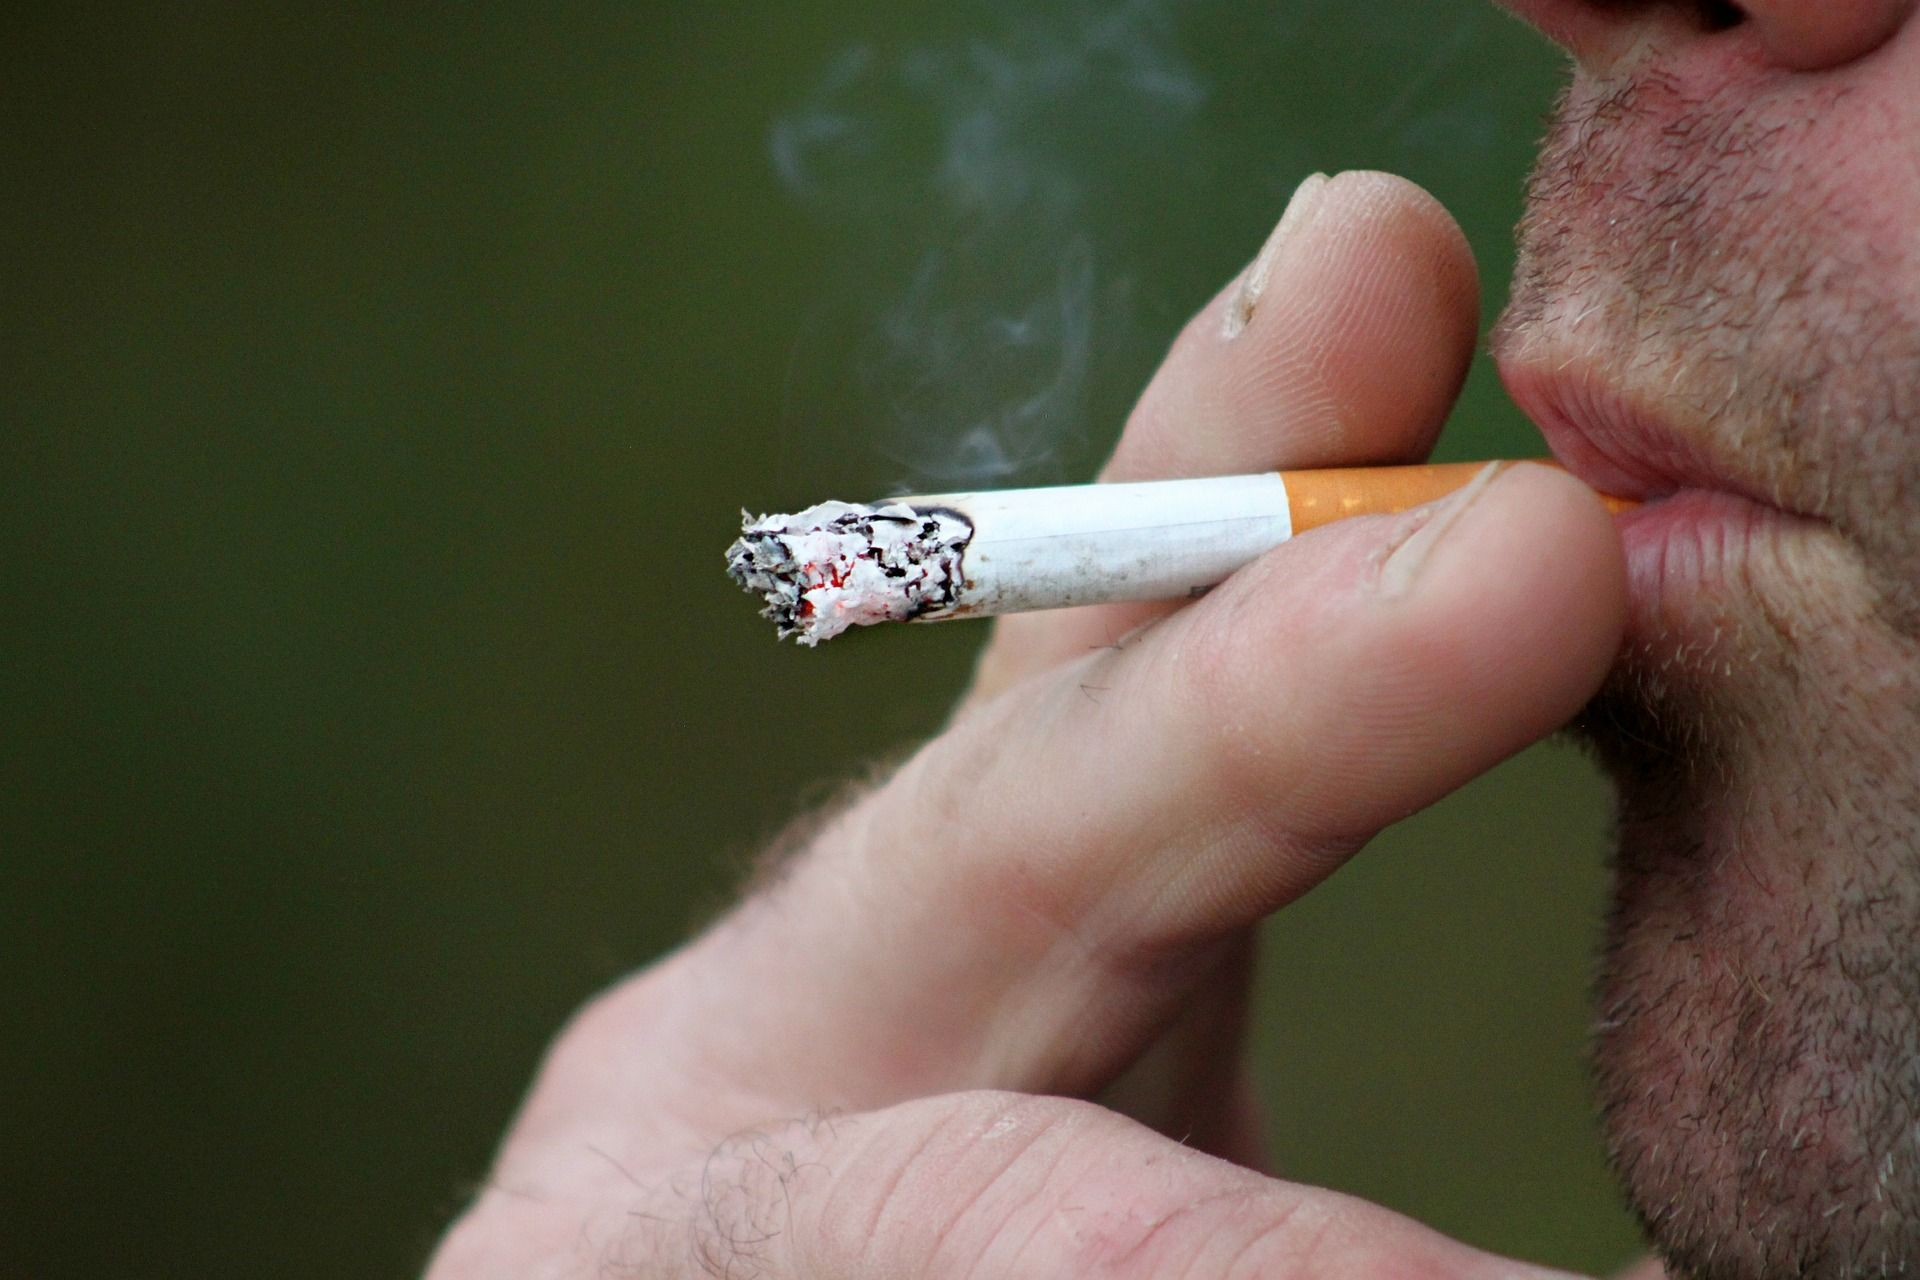 O que é preciso saber sobre a saúde bucal dos fumantes